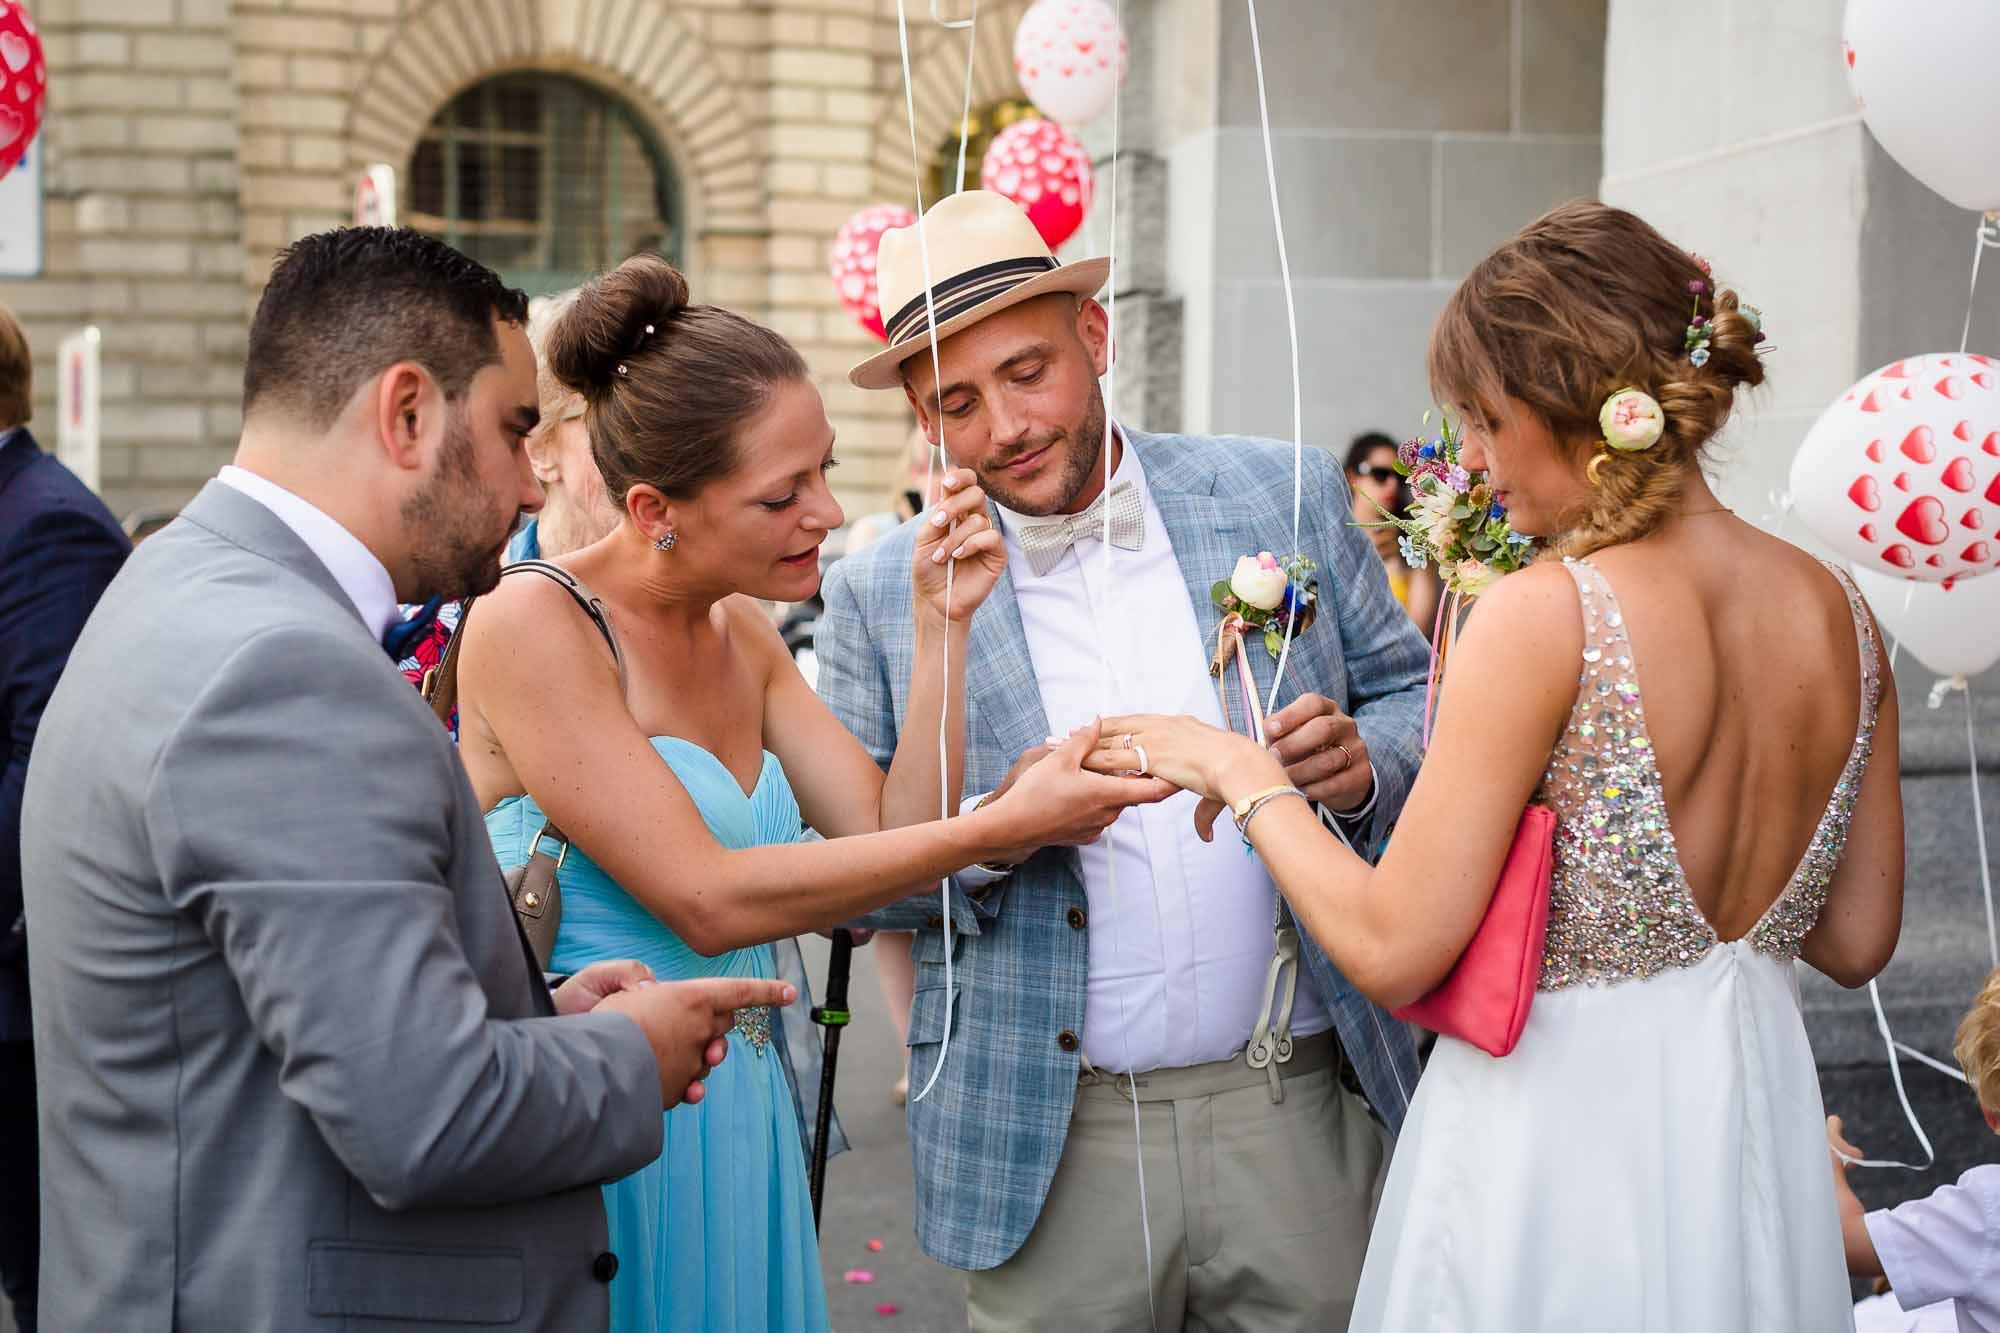 Gäste schauen Ehering der Braut an